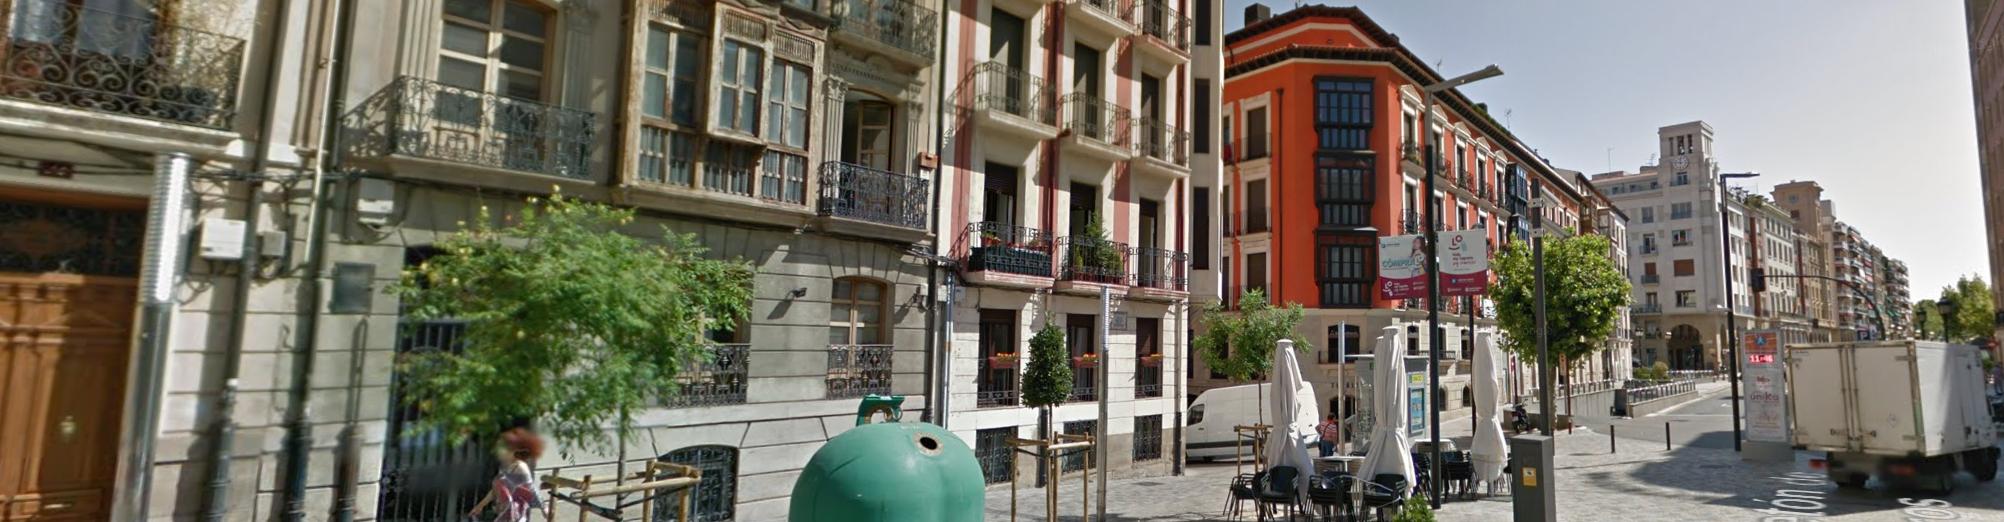 Diseño web Logroño, La Rioja